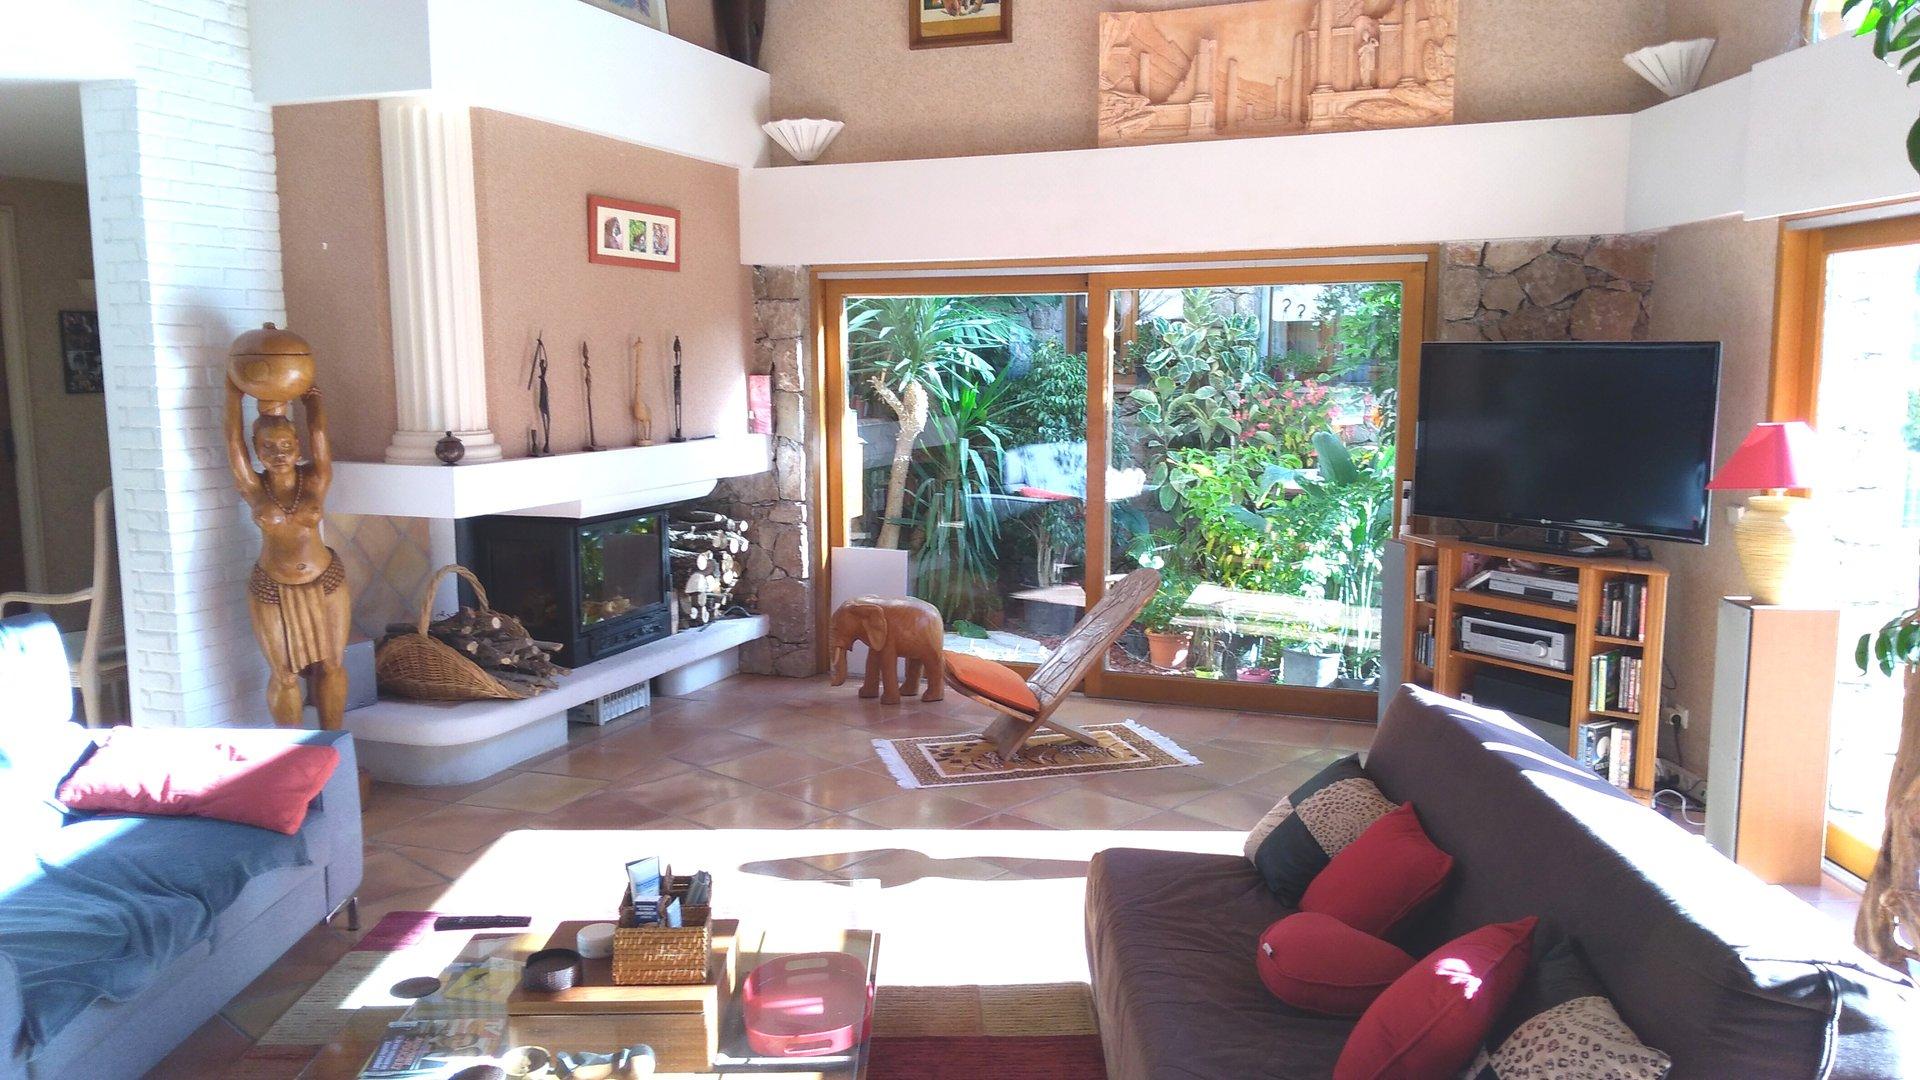 Puget-Théniers: Maison d'architecte 6p avec piscine